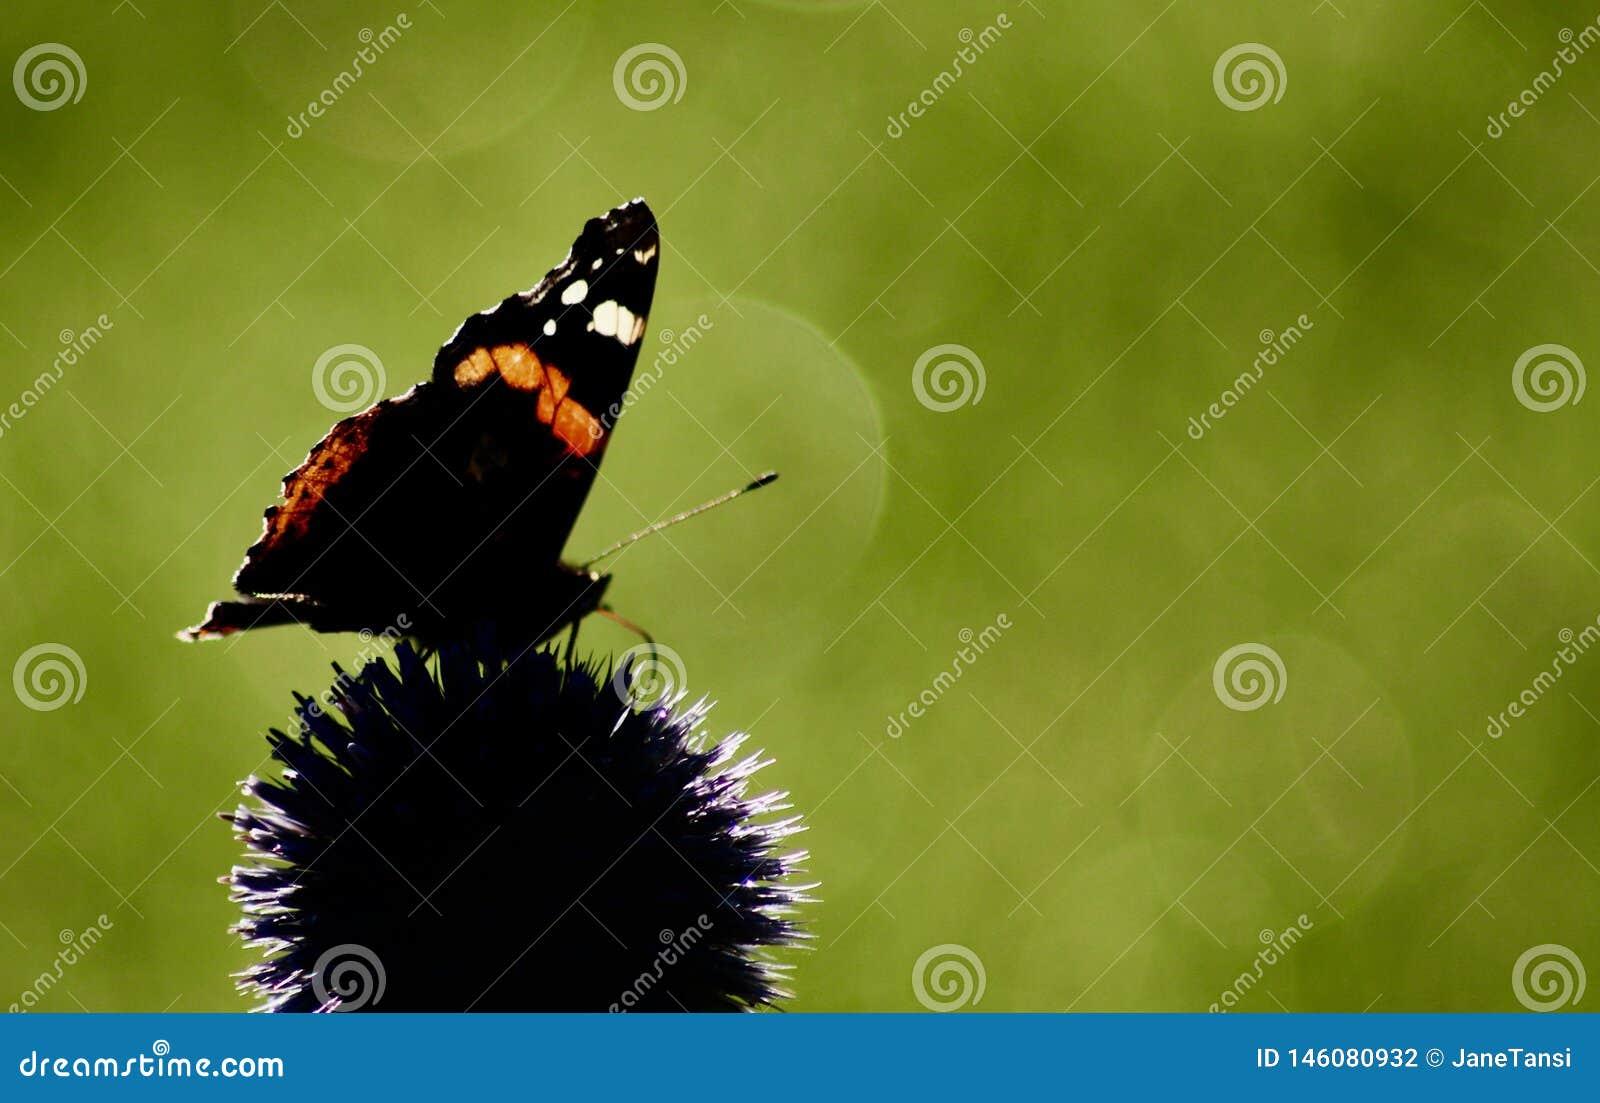 Borboleta do almirante vermelho na flor do echinops contra o fundo borrado verde